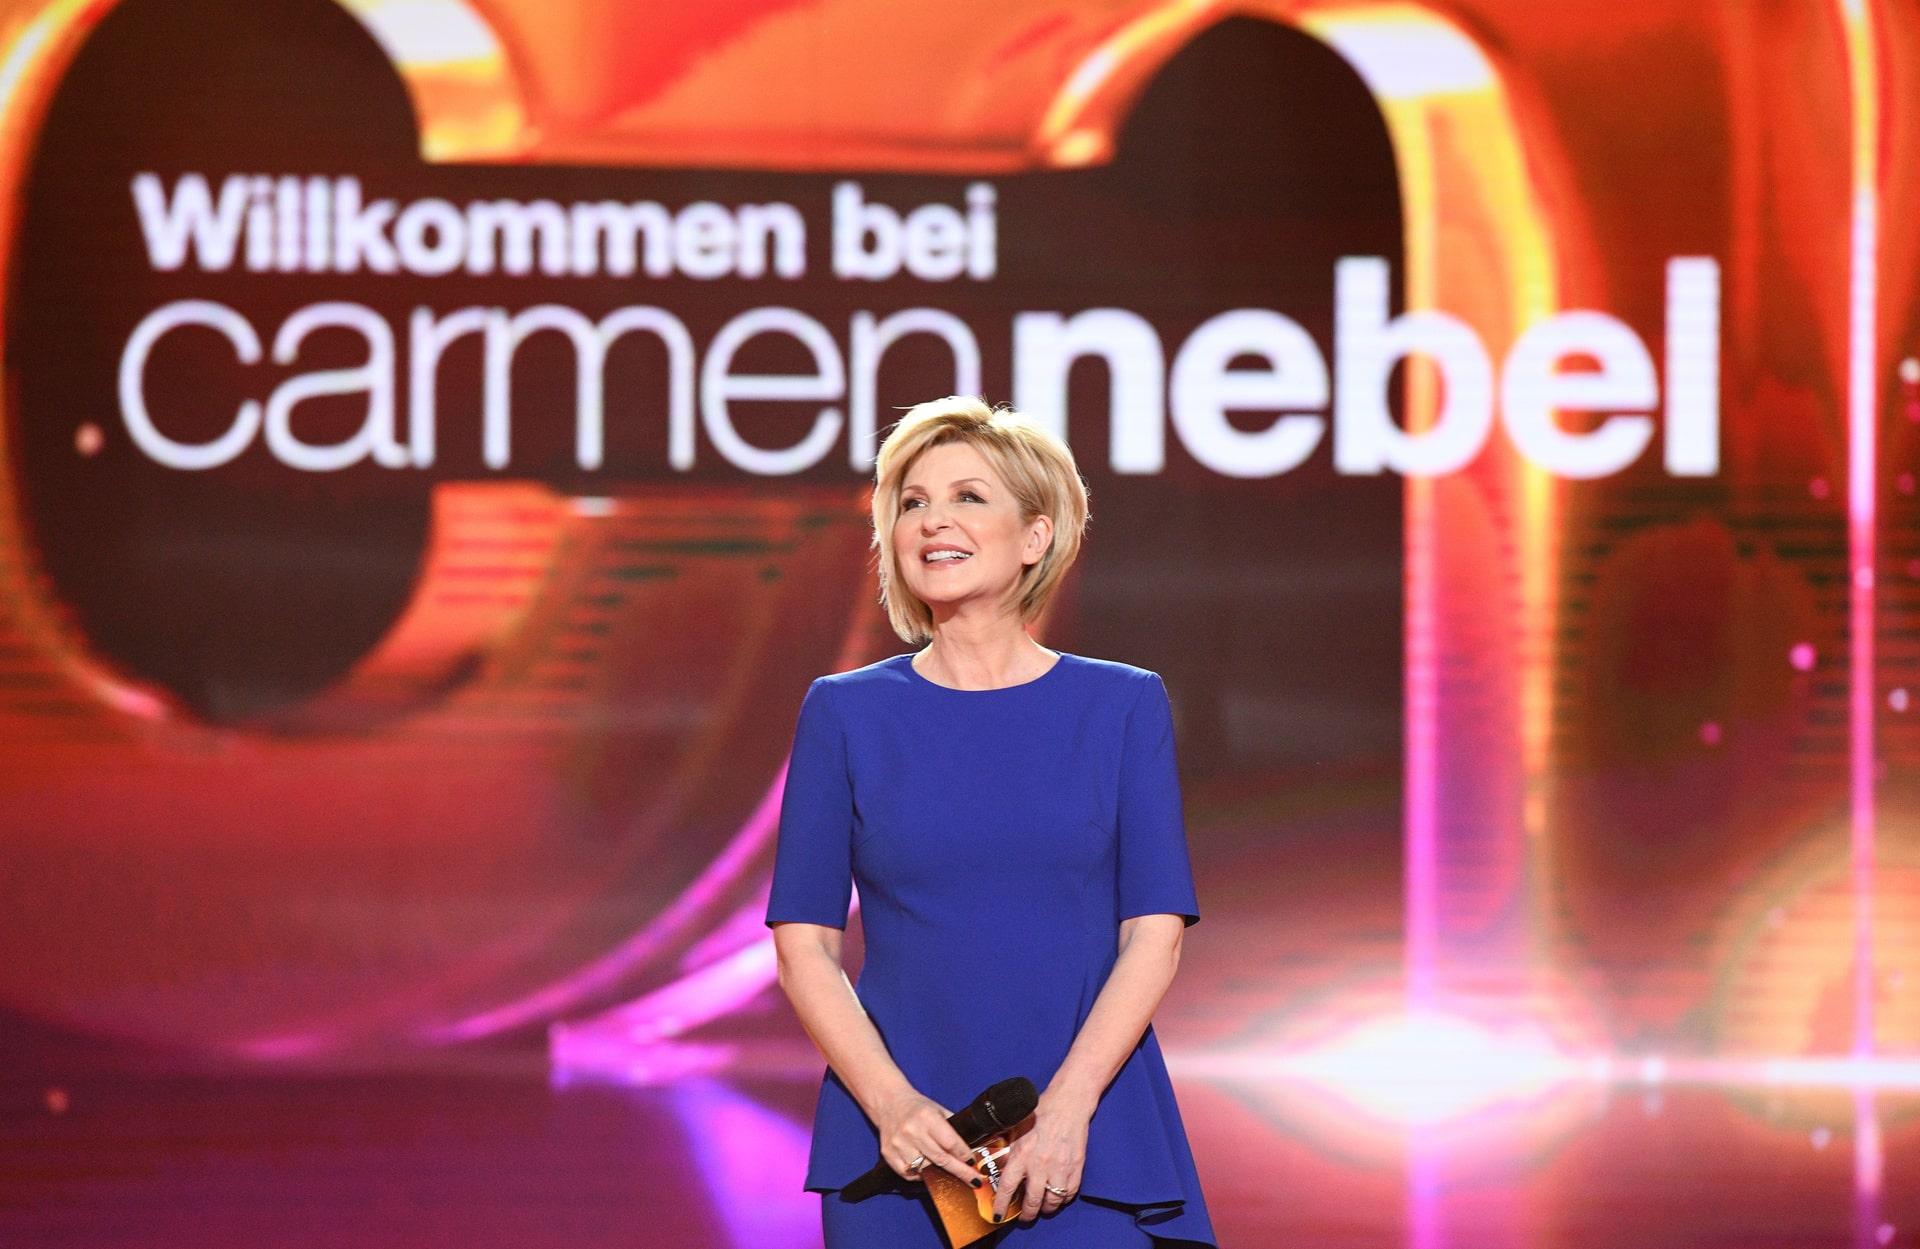 Willkommen bei Carmen Nebel am 29.09.2018: Diese Stars sind